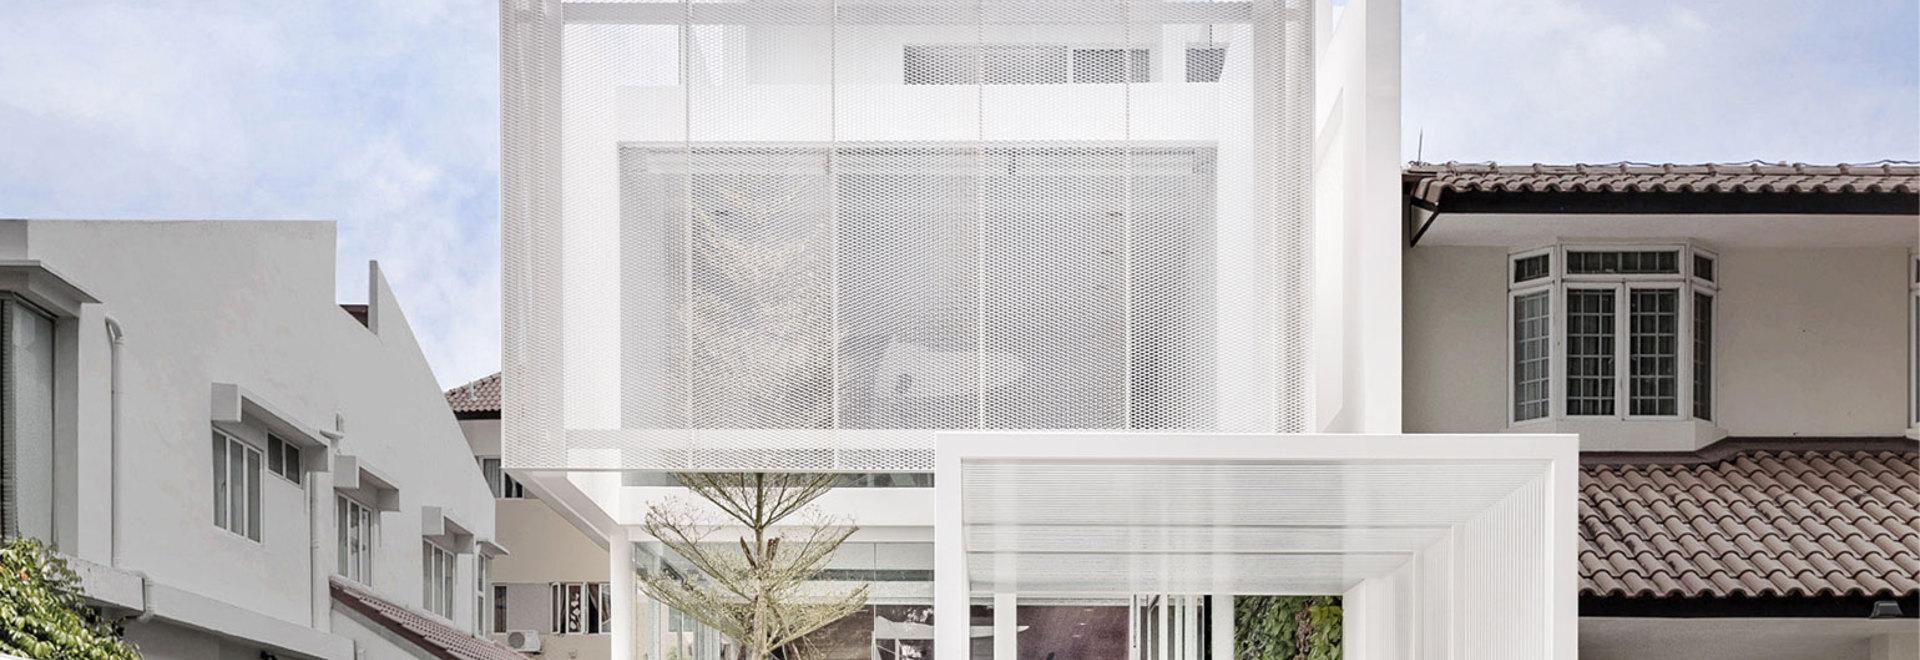 Großraum: Singapurs Greja Haus ist entworfen, um Interaktion zu ...